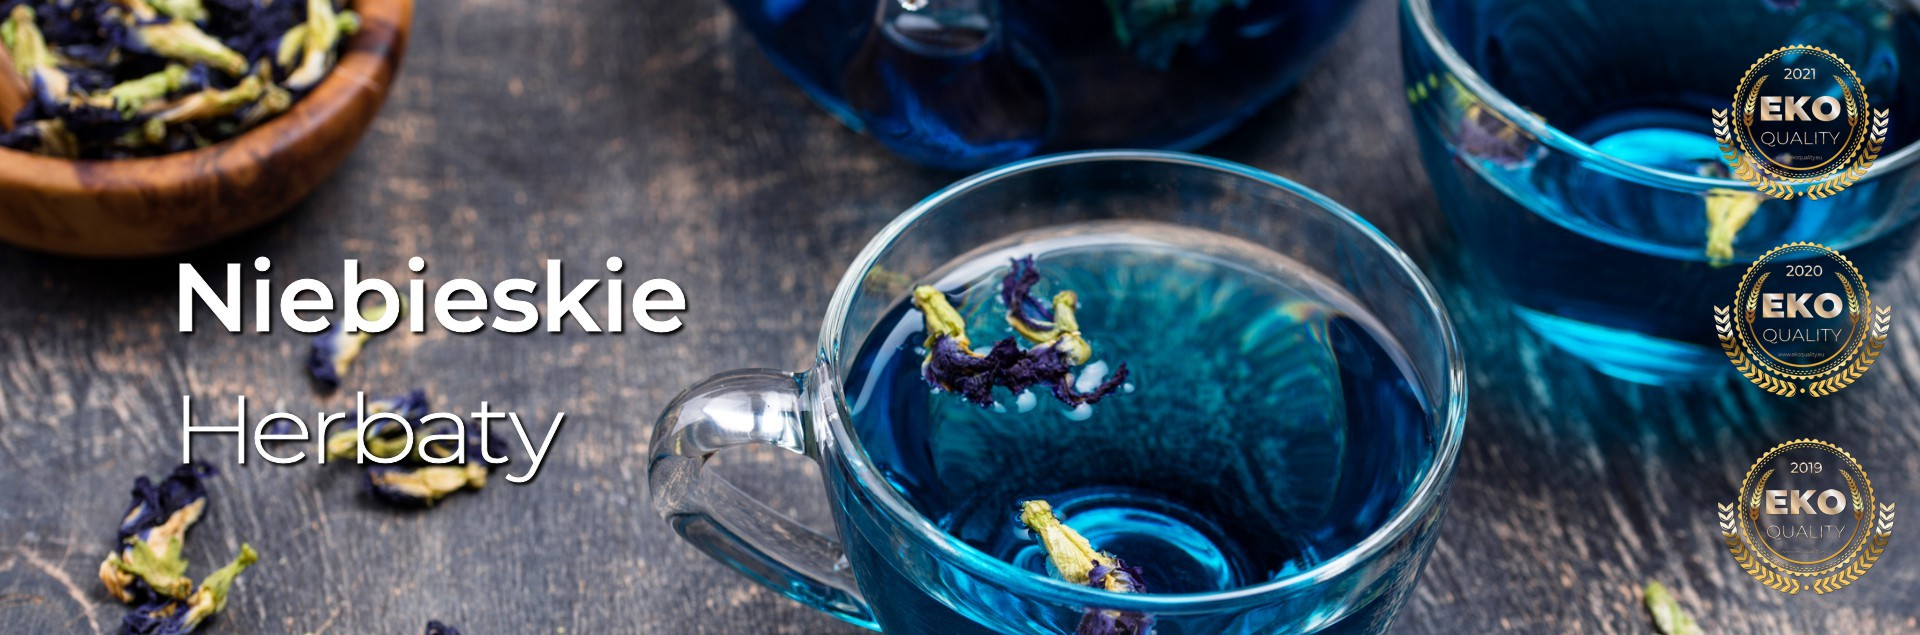 Niebieskie Herbaty